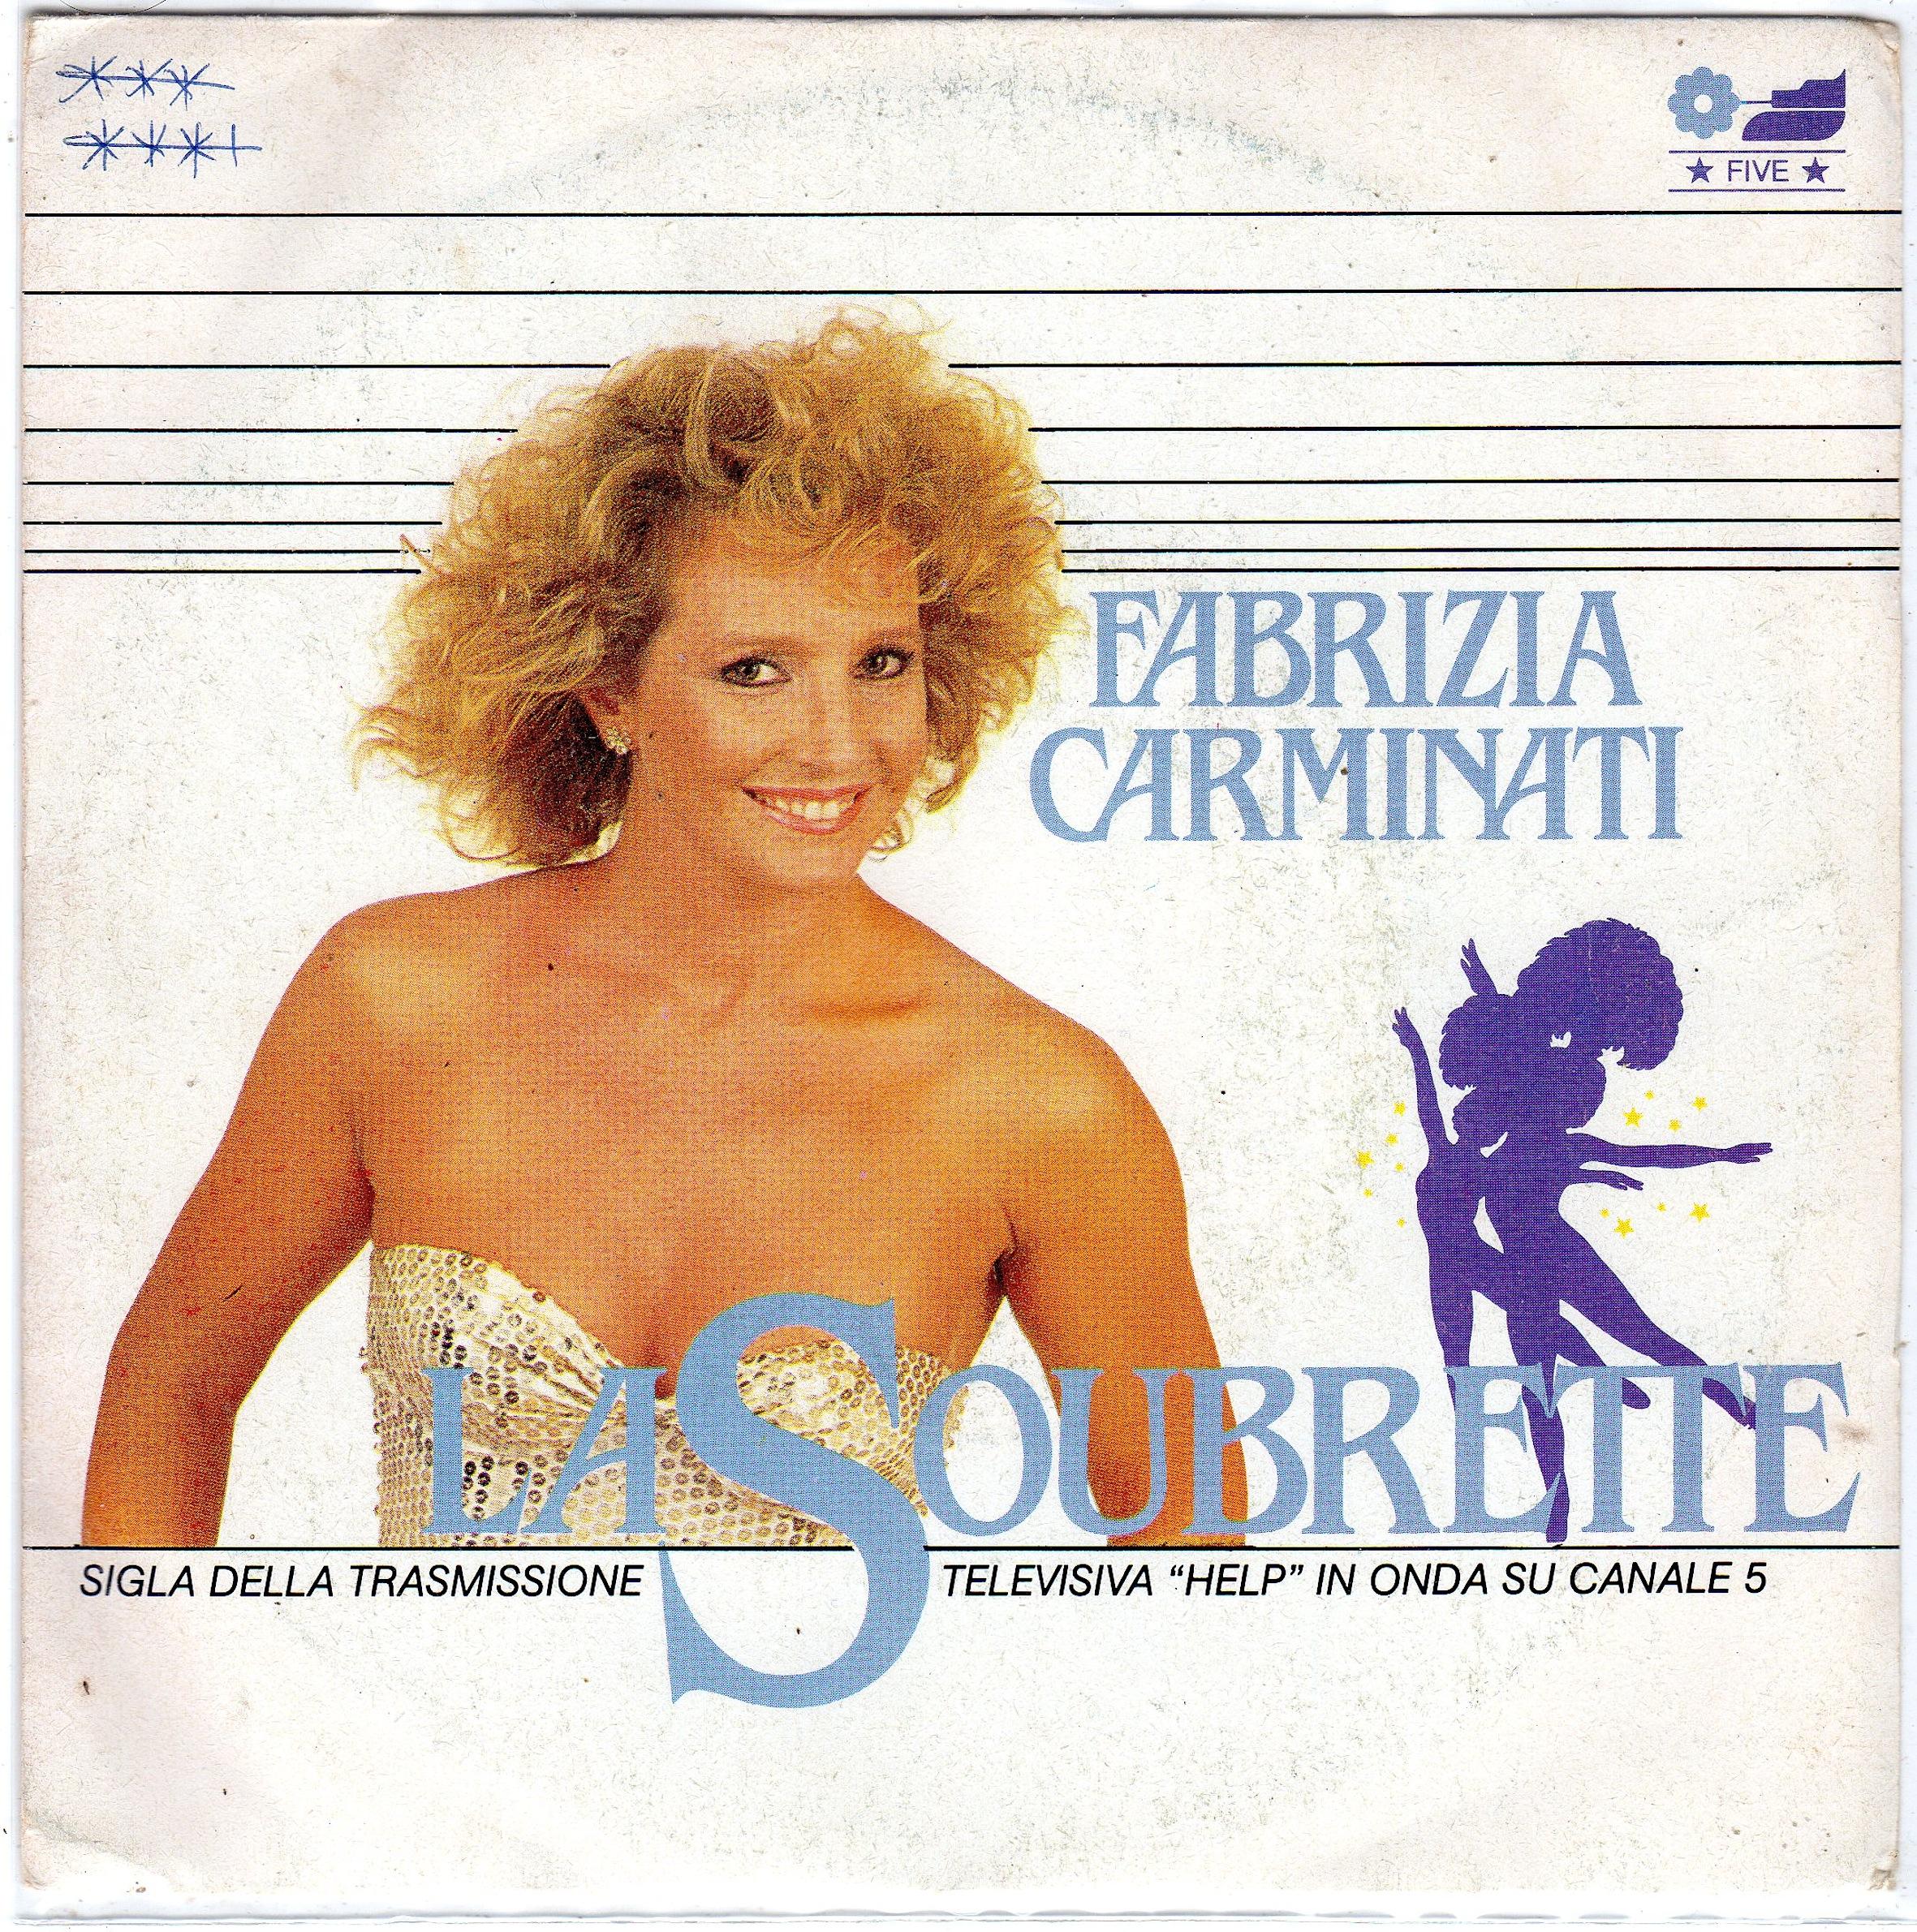 la_soubrettedisco_fabrizia_carminati